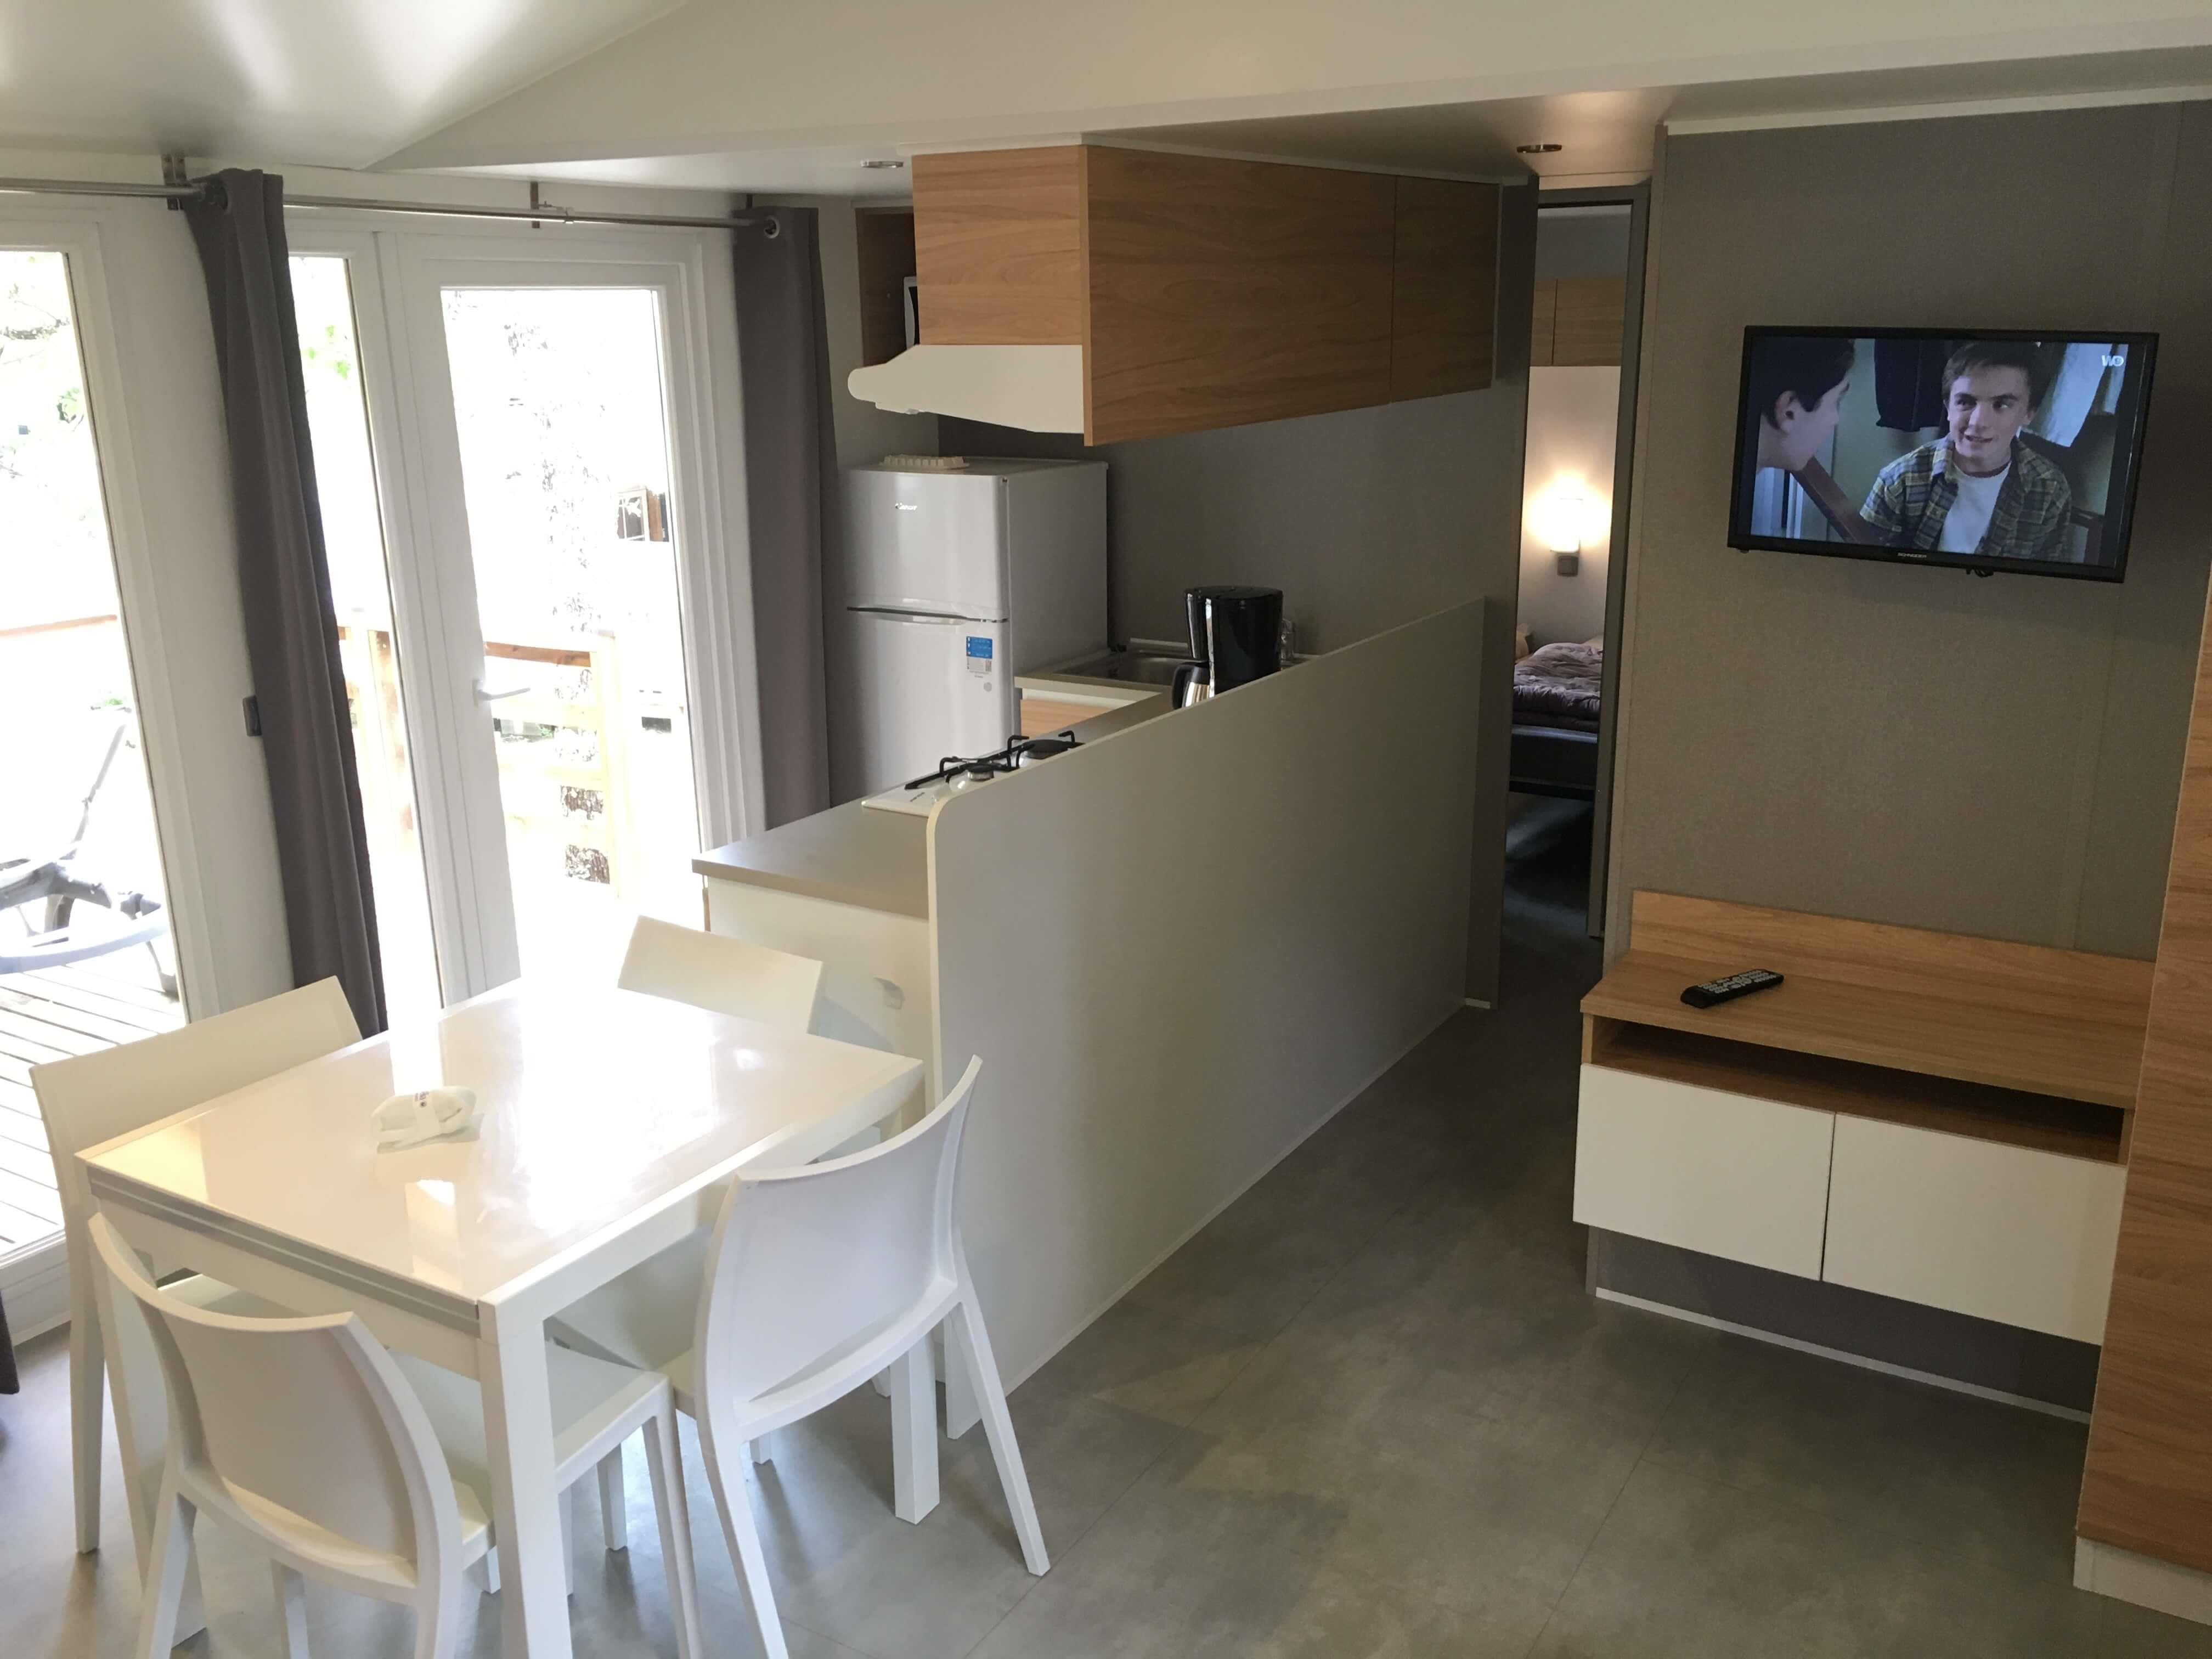 Location - Sunêlia Prestige Premium 3 Chambres - Camping Sunêlia Le Ranc Davaine